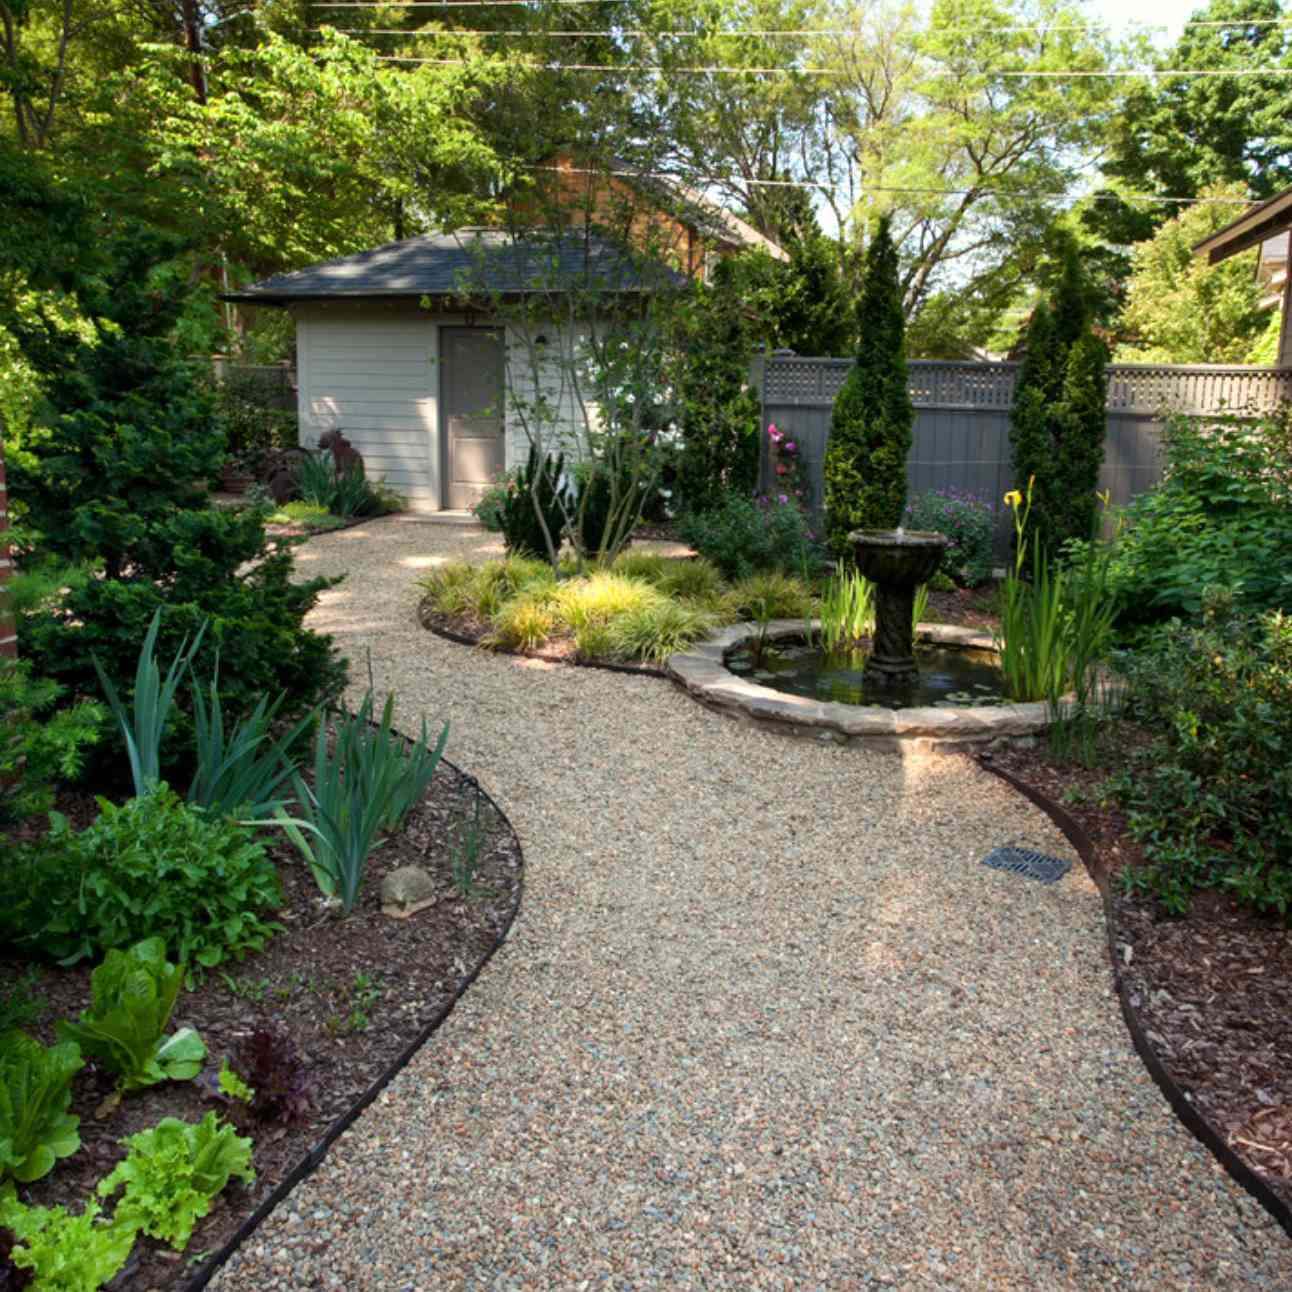 Shade garden near path.